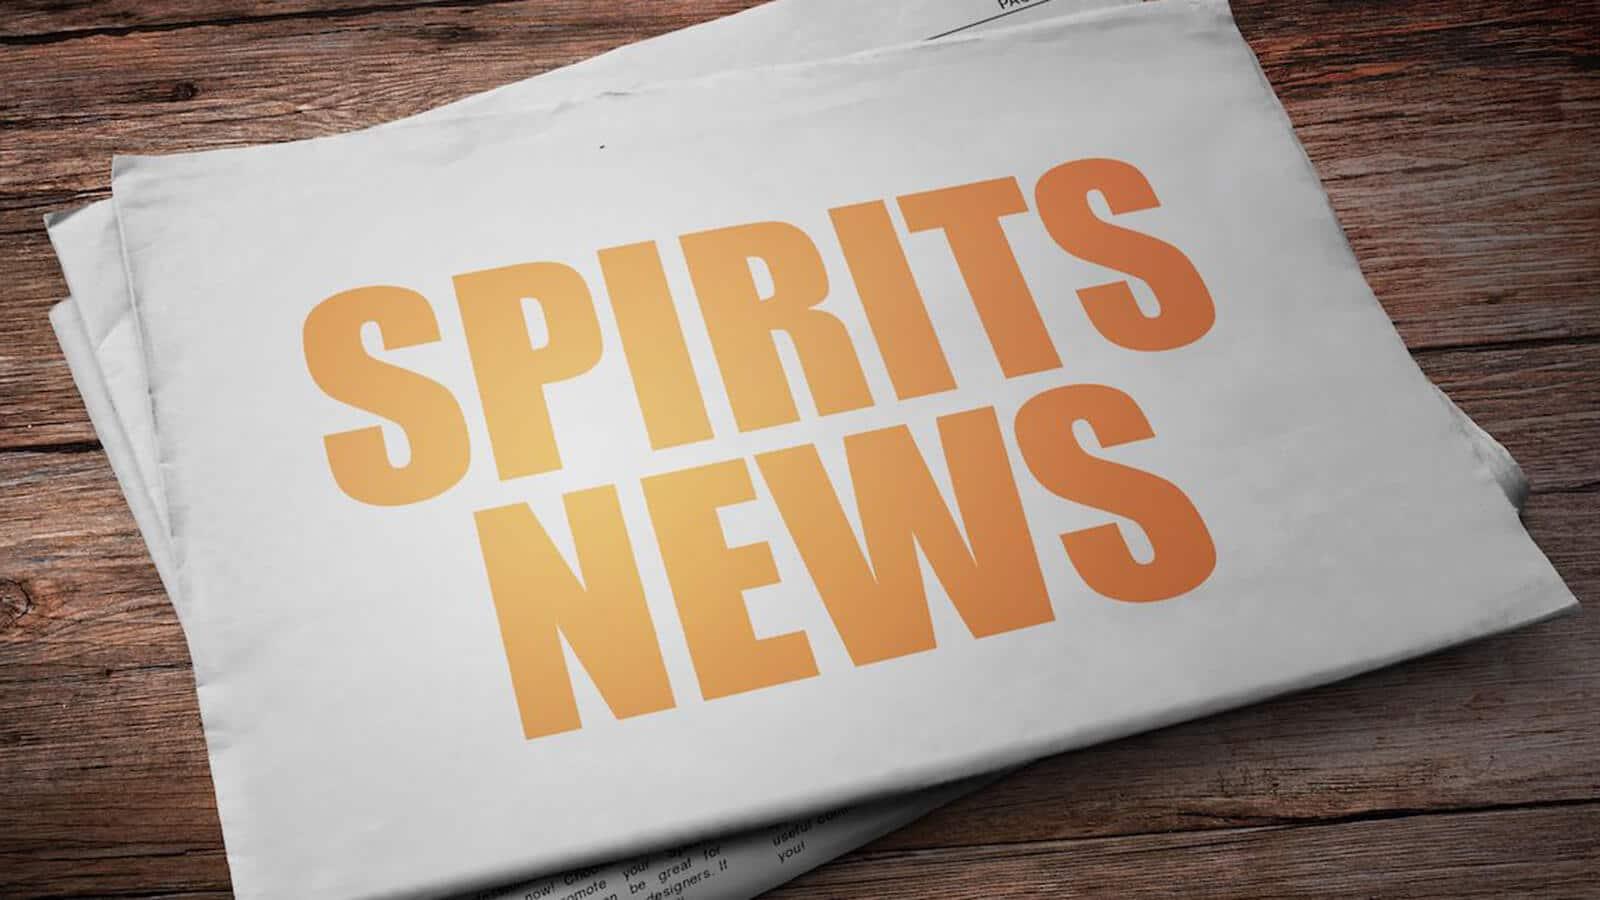 Spirits News